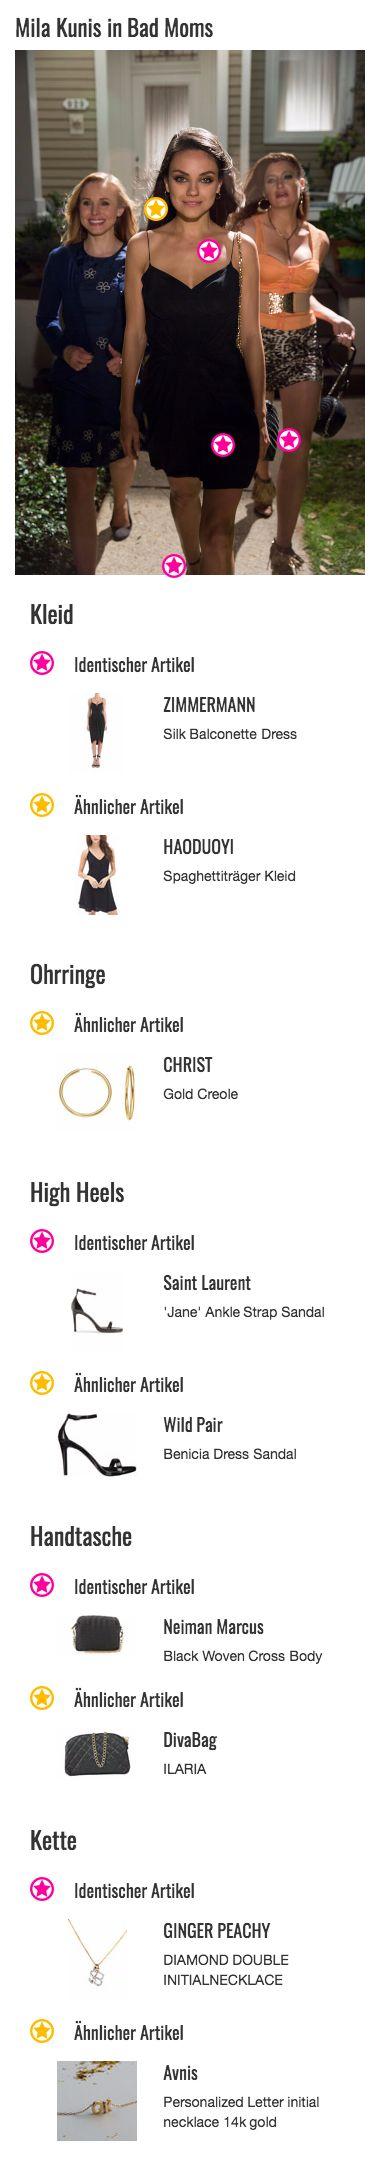 Auch Amy (Mila Kunis) hat sich für ihren seit Langem ersten Partyabend in Schale geworfen. Hauptelement ihres Outfits ist das schwarze Seidenkleid von ZIMMERMANN mit drapierter Taille, Spaghettiträgern und einem eleganten V-Ausschnitt, das ihrem Style Eleganz und Klasse verleiht. Das Designerstück wurde unten etwas gekürzt, um Amys Look besonders sexy aussehen zu lassen.